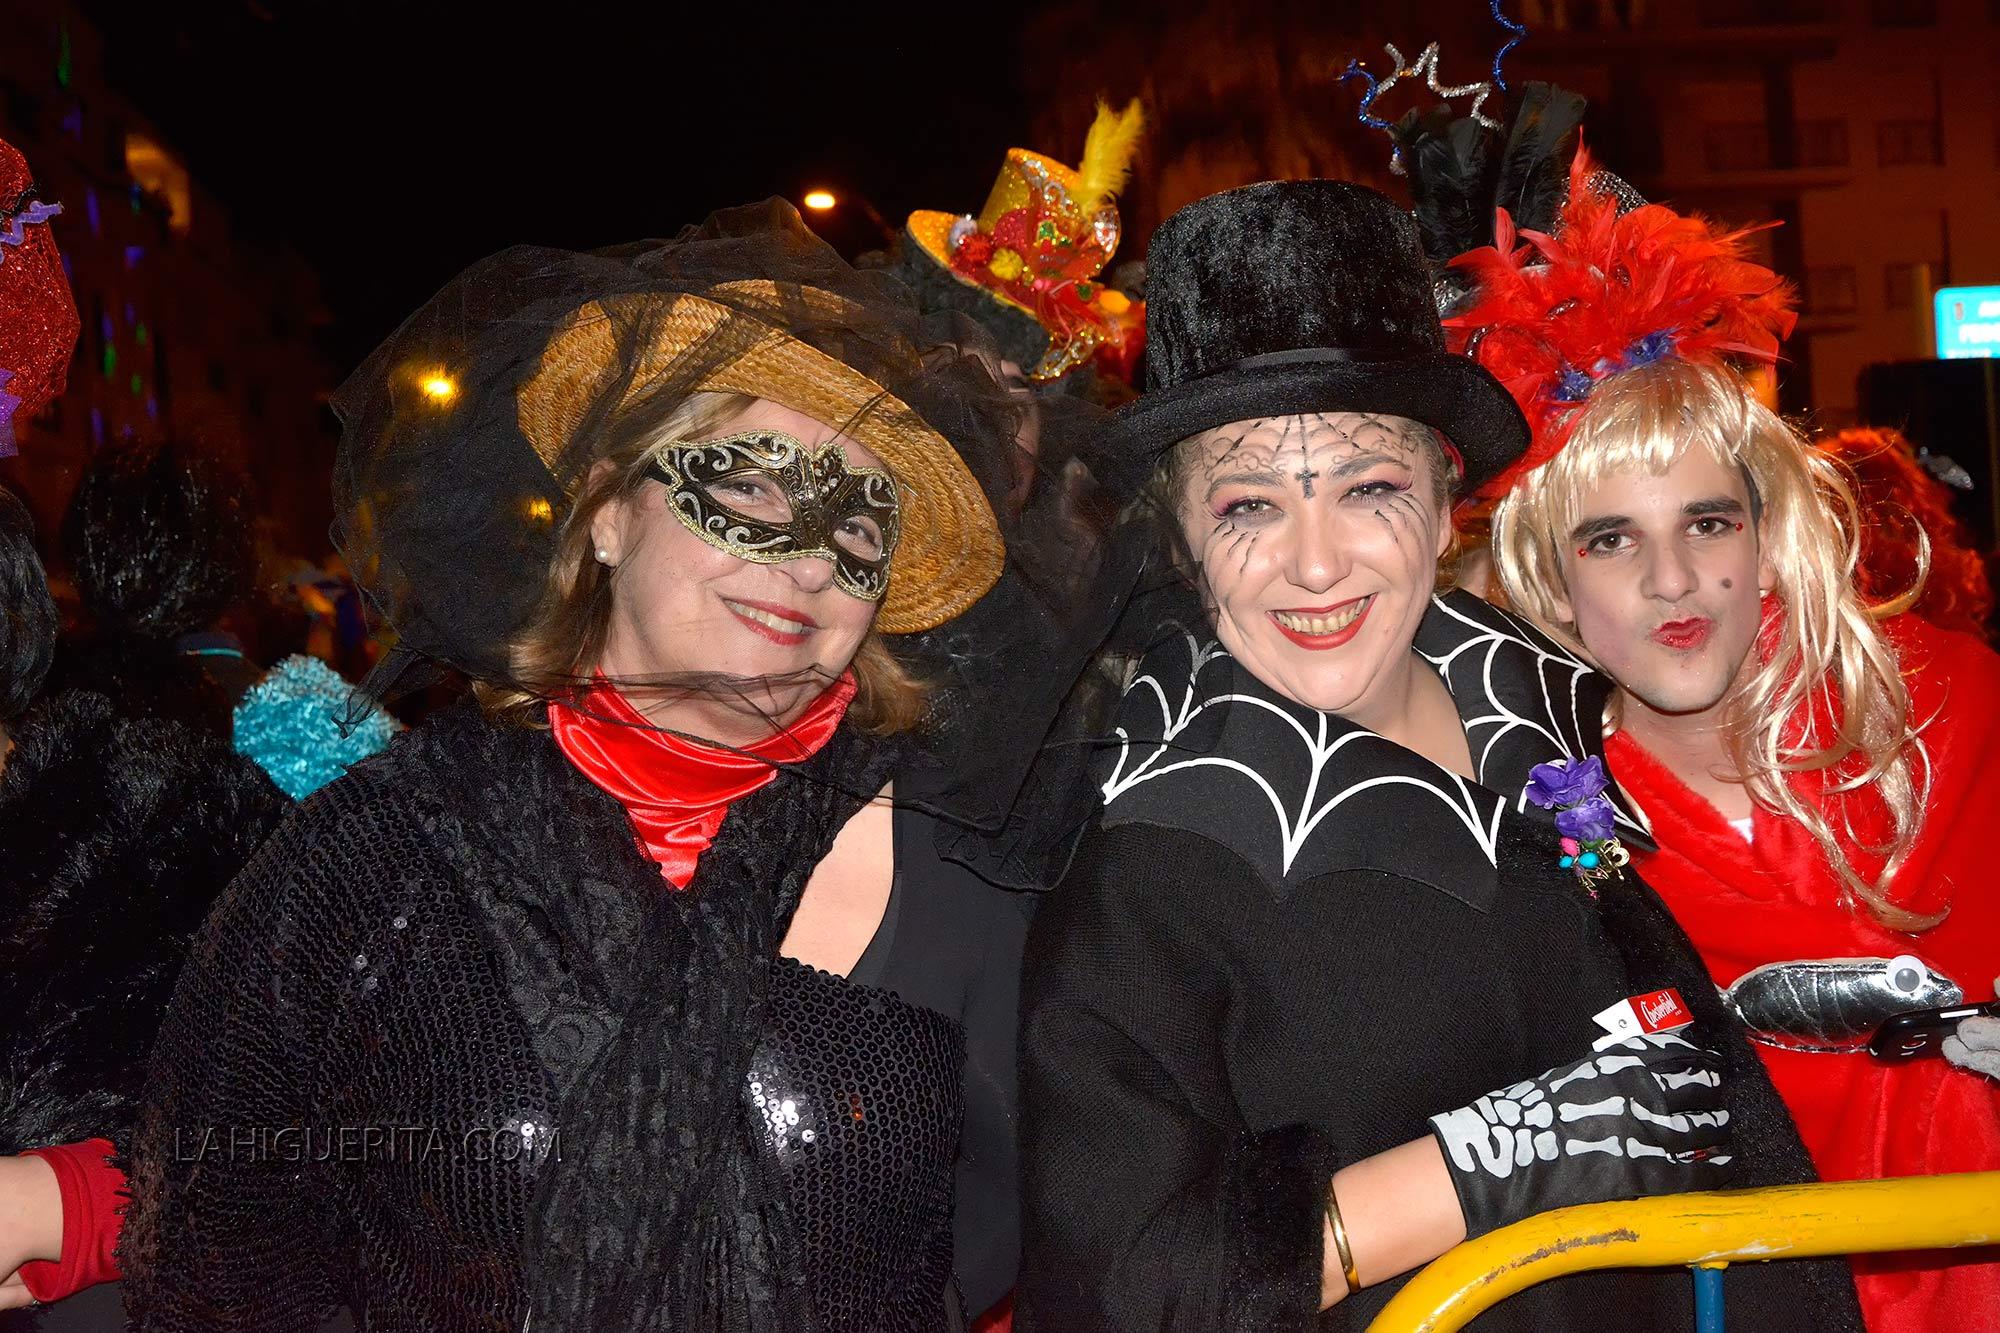 Entierro de la sardina carnaval isla cristina _DSC2420